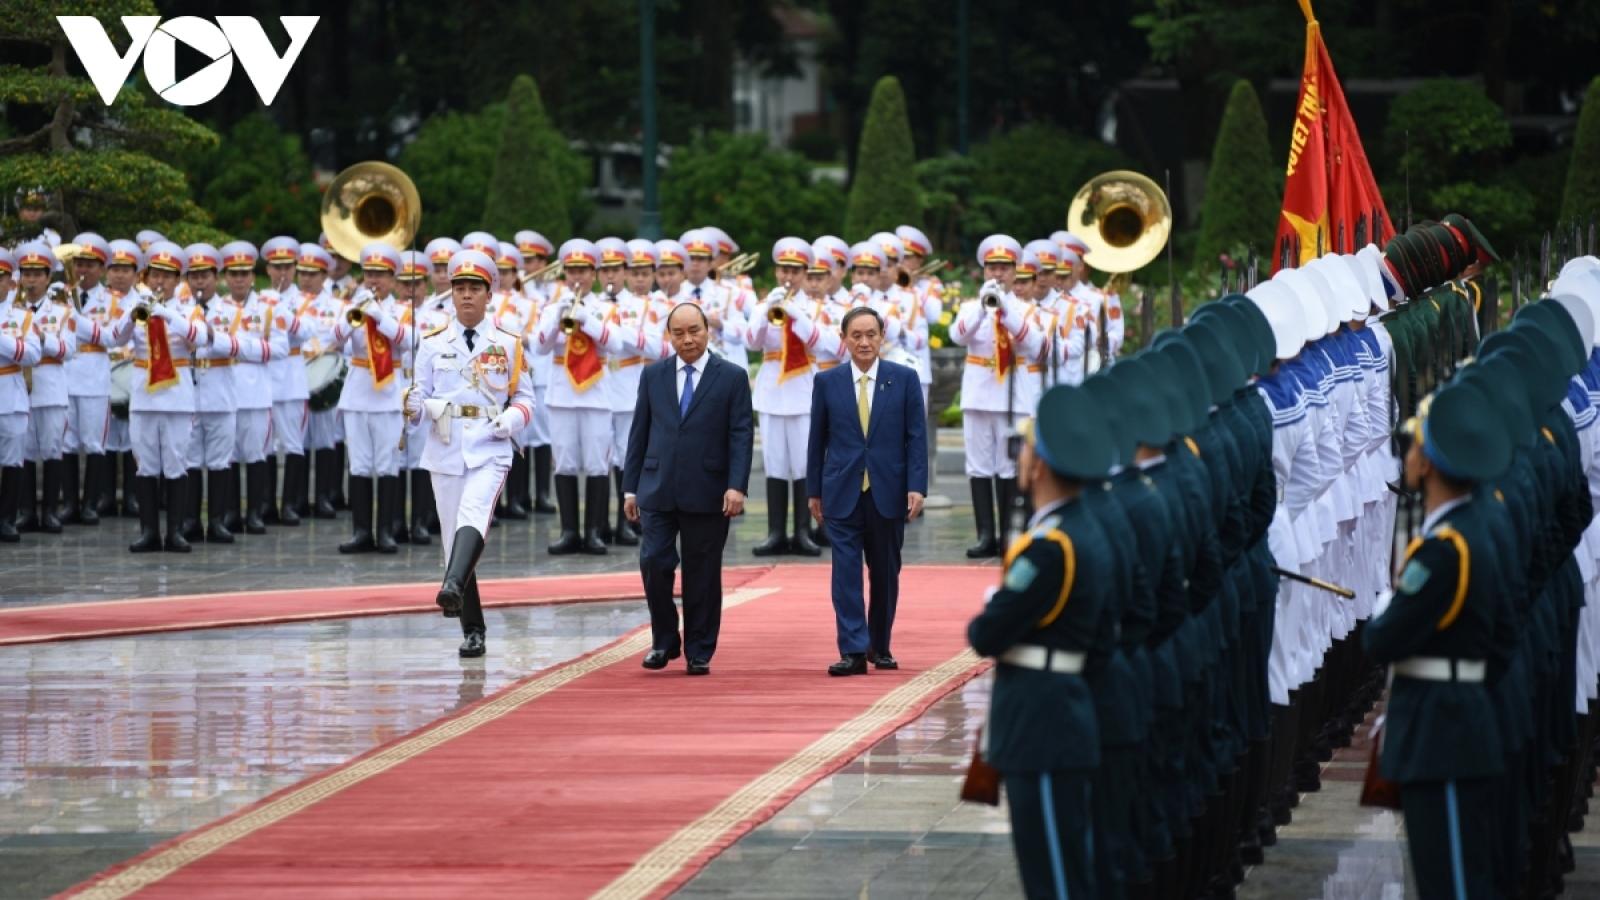 Tín hiệu tích cực từ chuyến thăm Việt Nam của Thủ tướng Nhật Bản